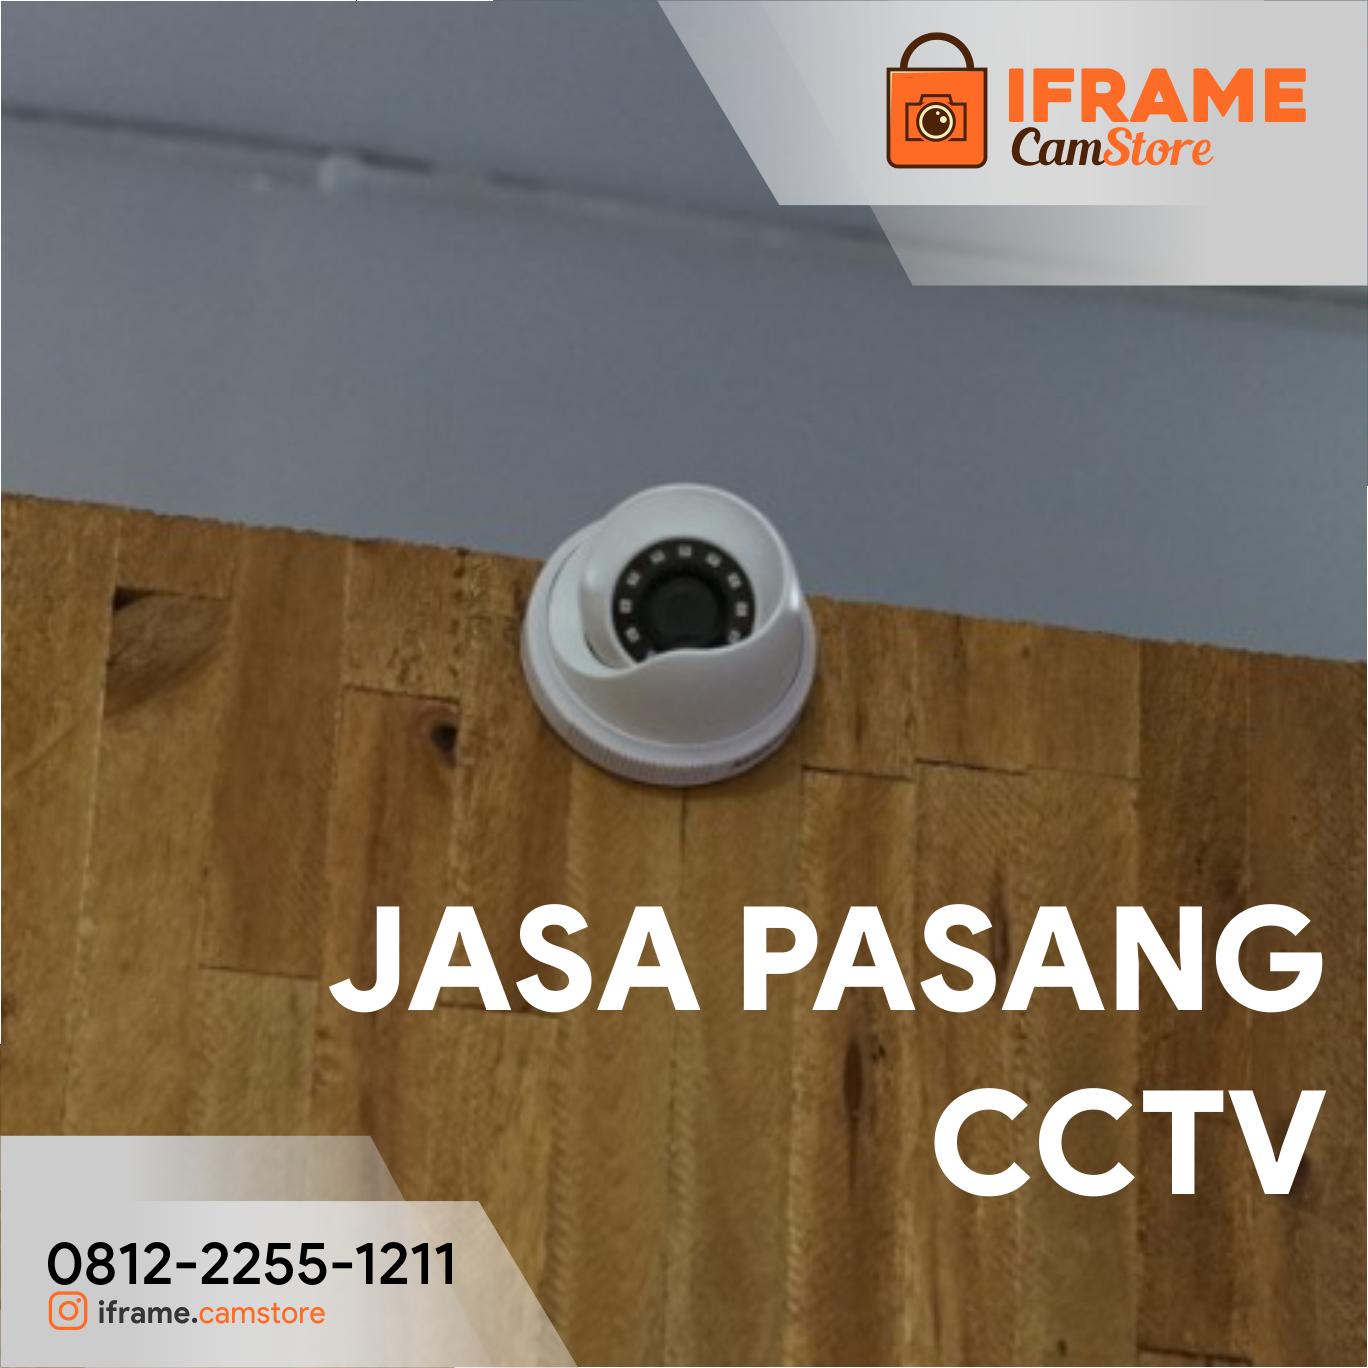 JASA PASANG CCTV 1